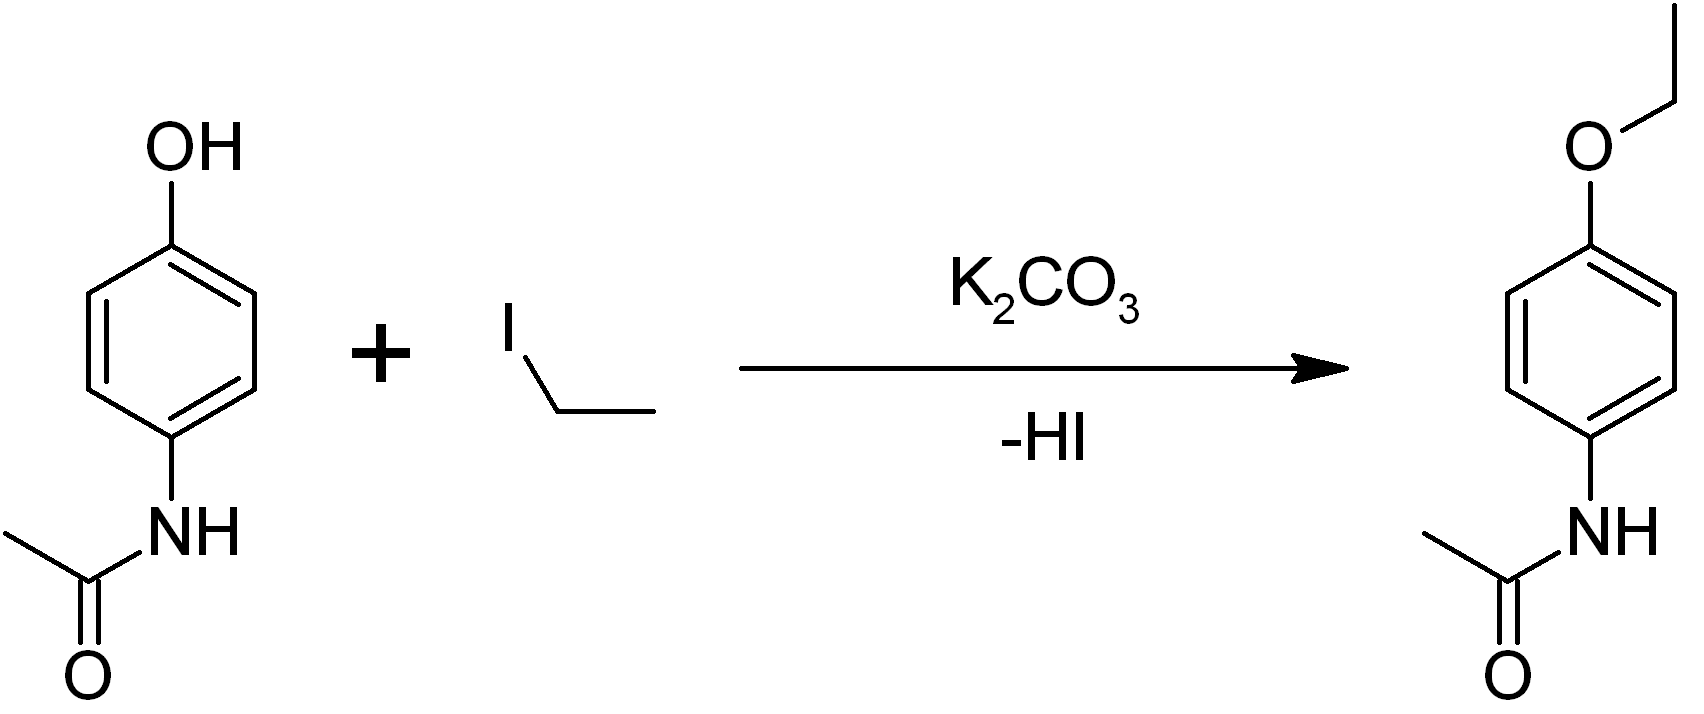 synthesis of acetaminophen A núcleo de pesquisa em produtos naturais e sintéticos, universidade de são paulo, av do café s/n, 14040-903 ribeirão preto-sp, brazil b grupo de farmacologia.